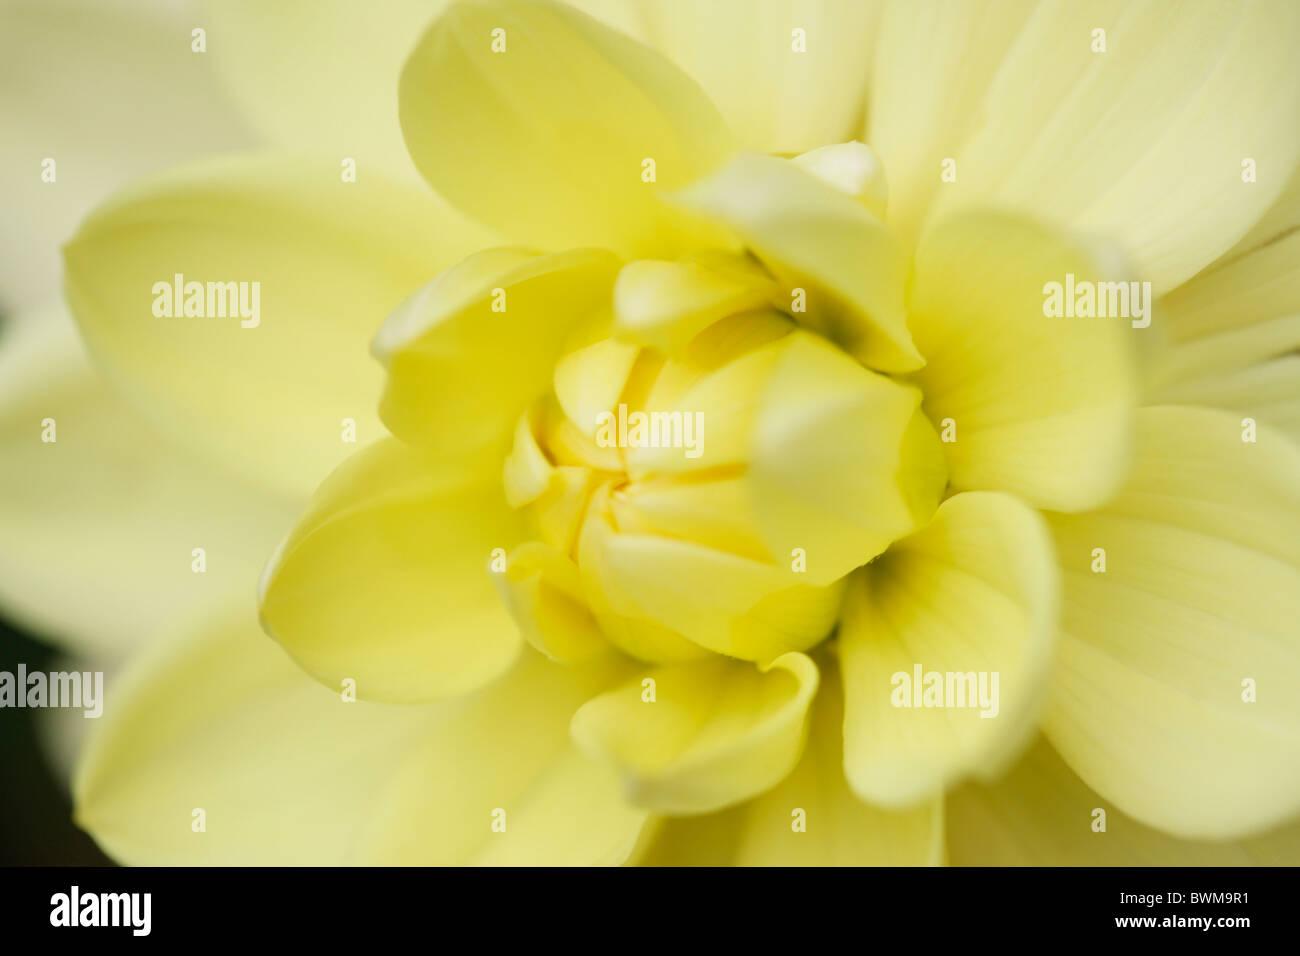 Giallo radiante dalia - fine art Jane-Ann fotografia fotografia Butler JABP921 Immagini Stock